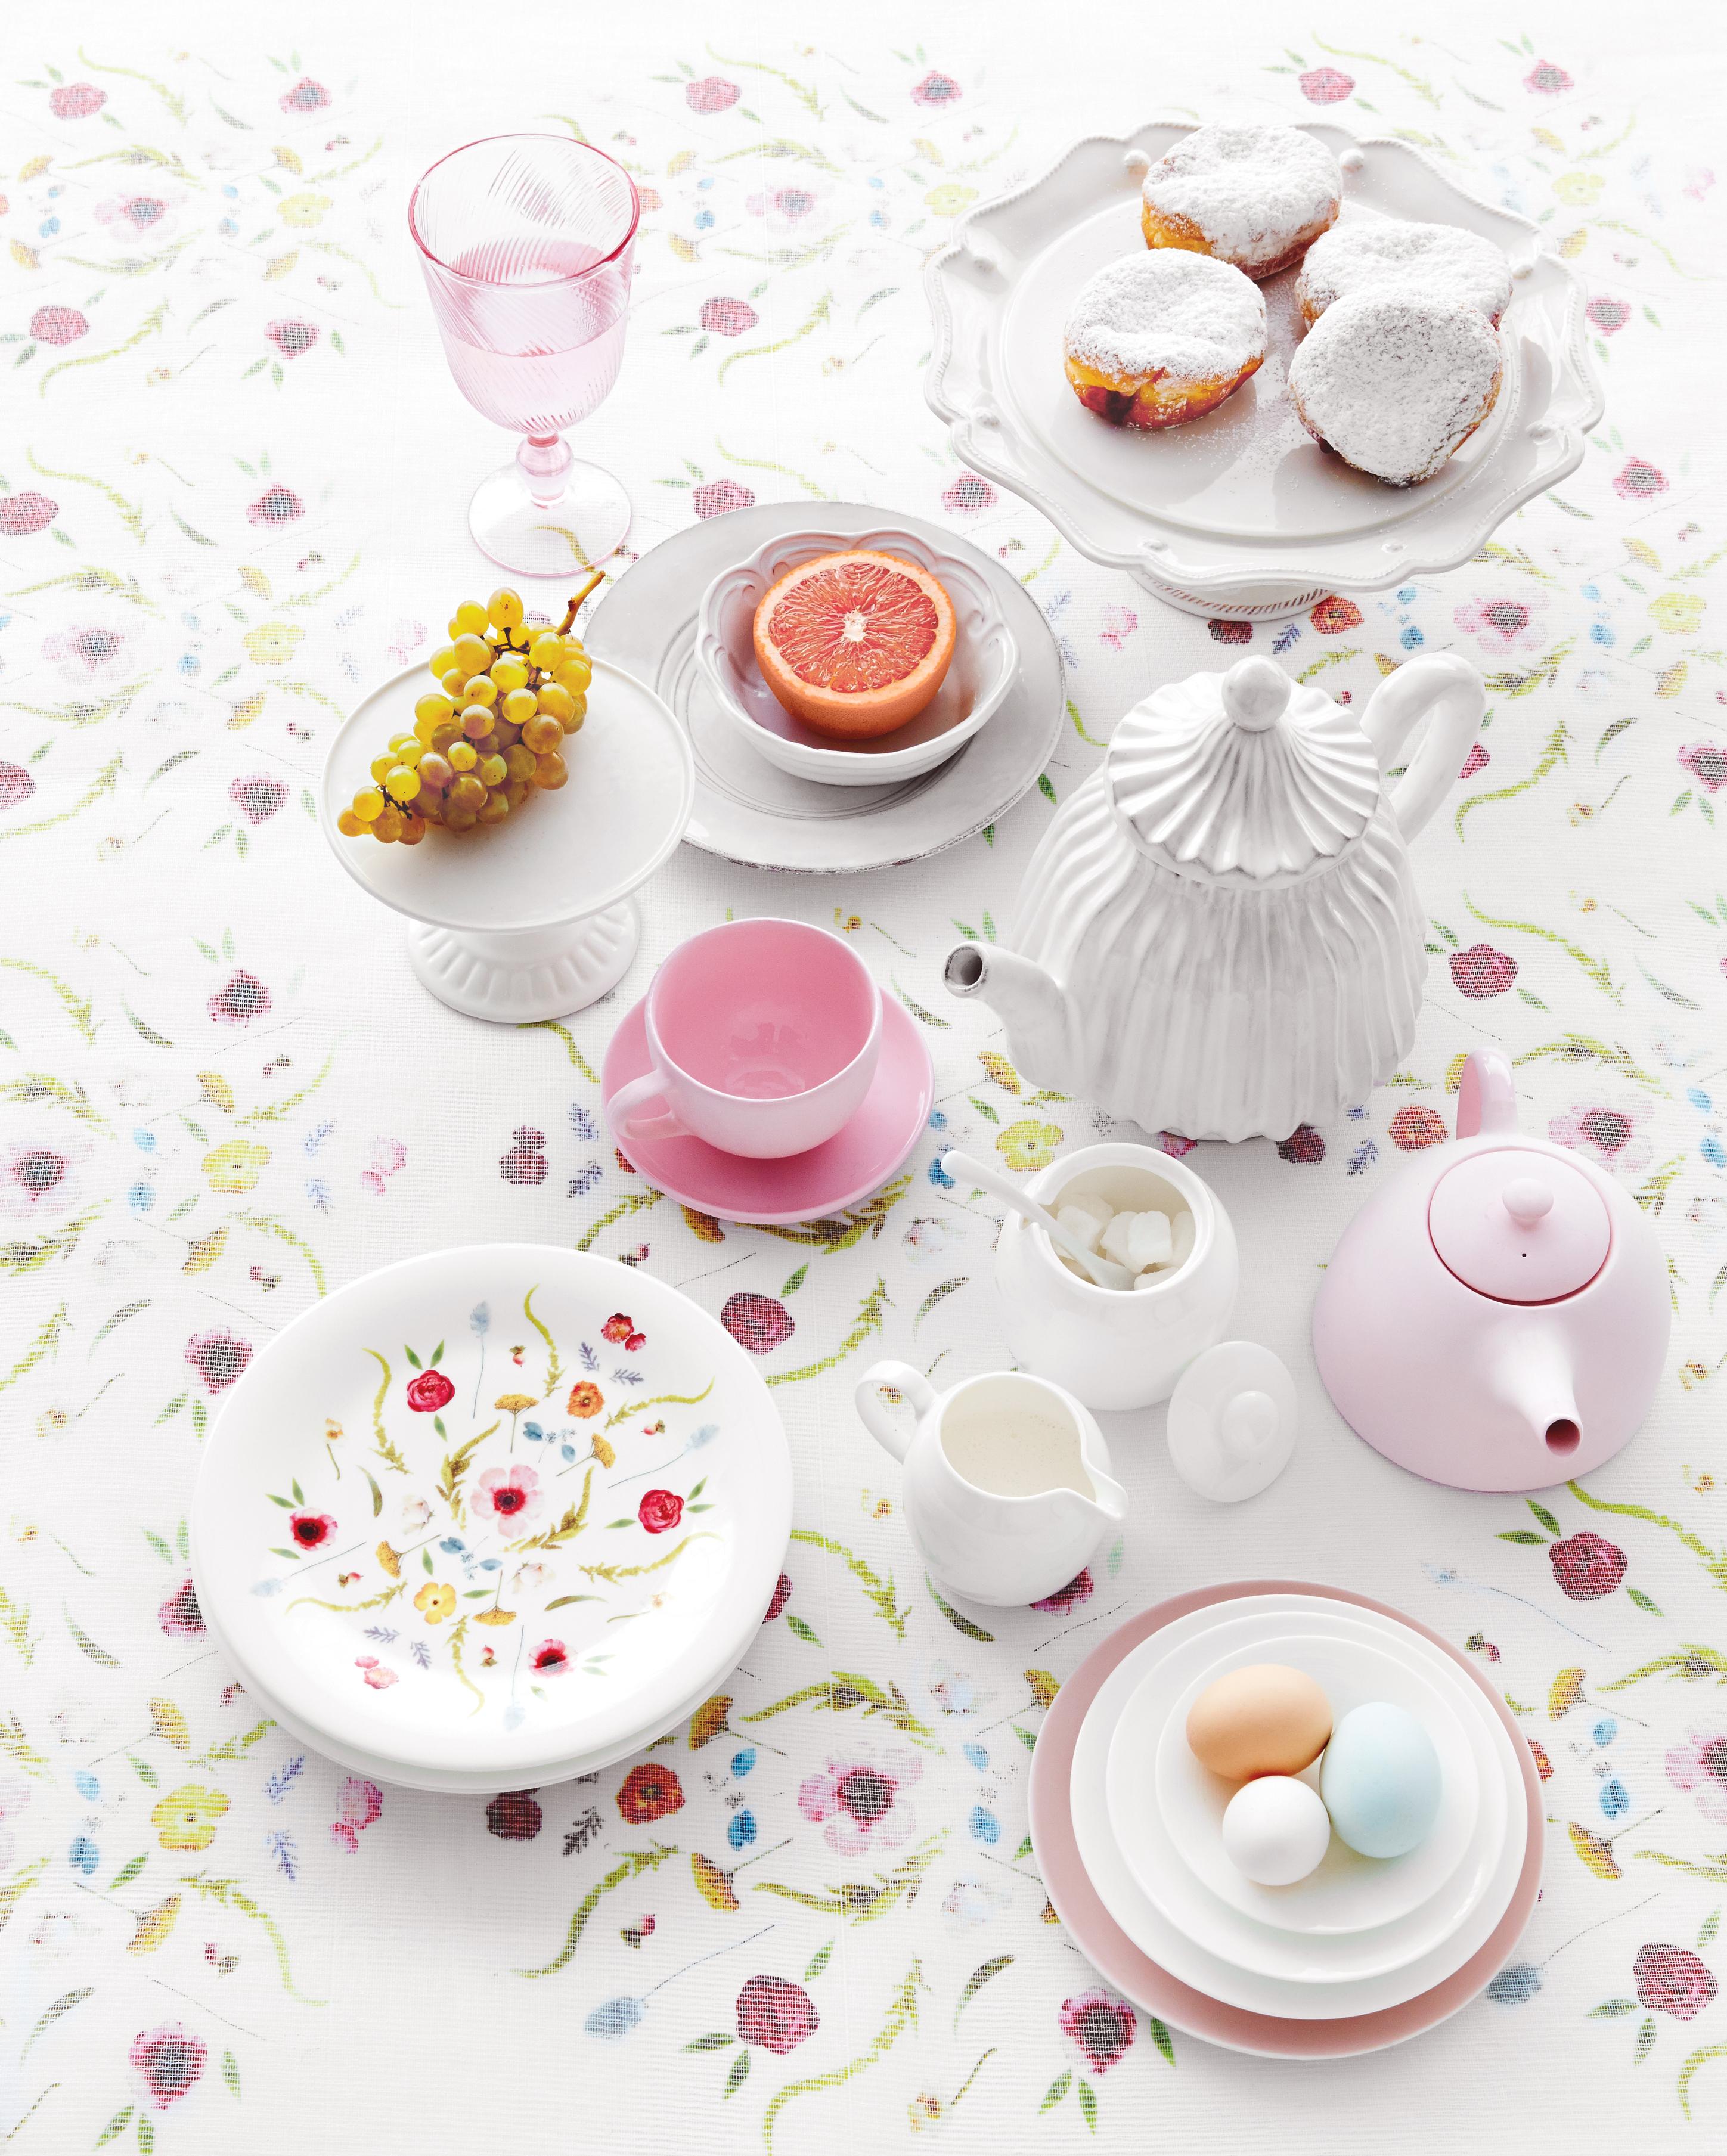 tableware-brunch-146-d112189.jpg